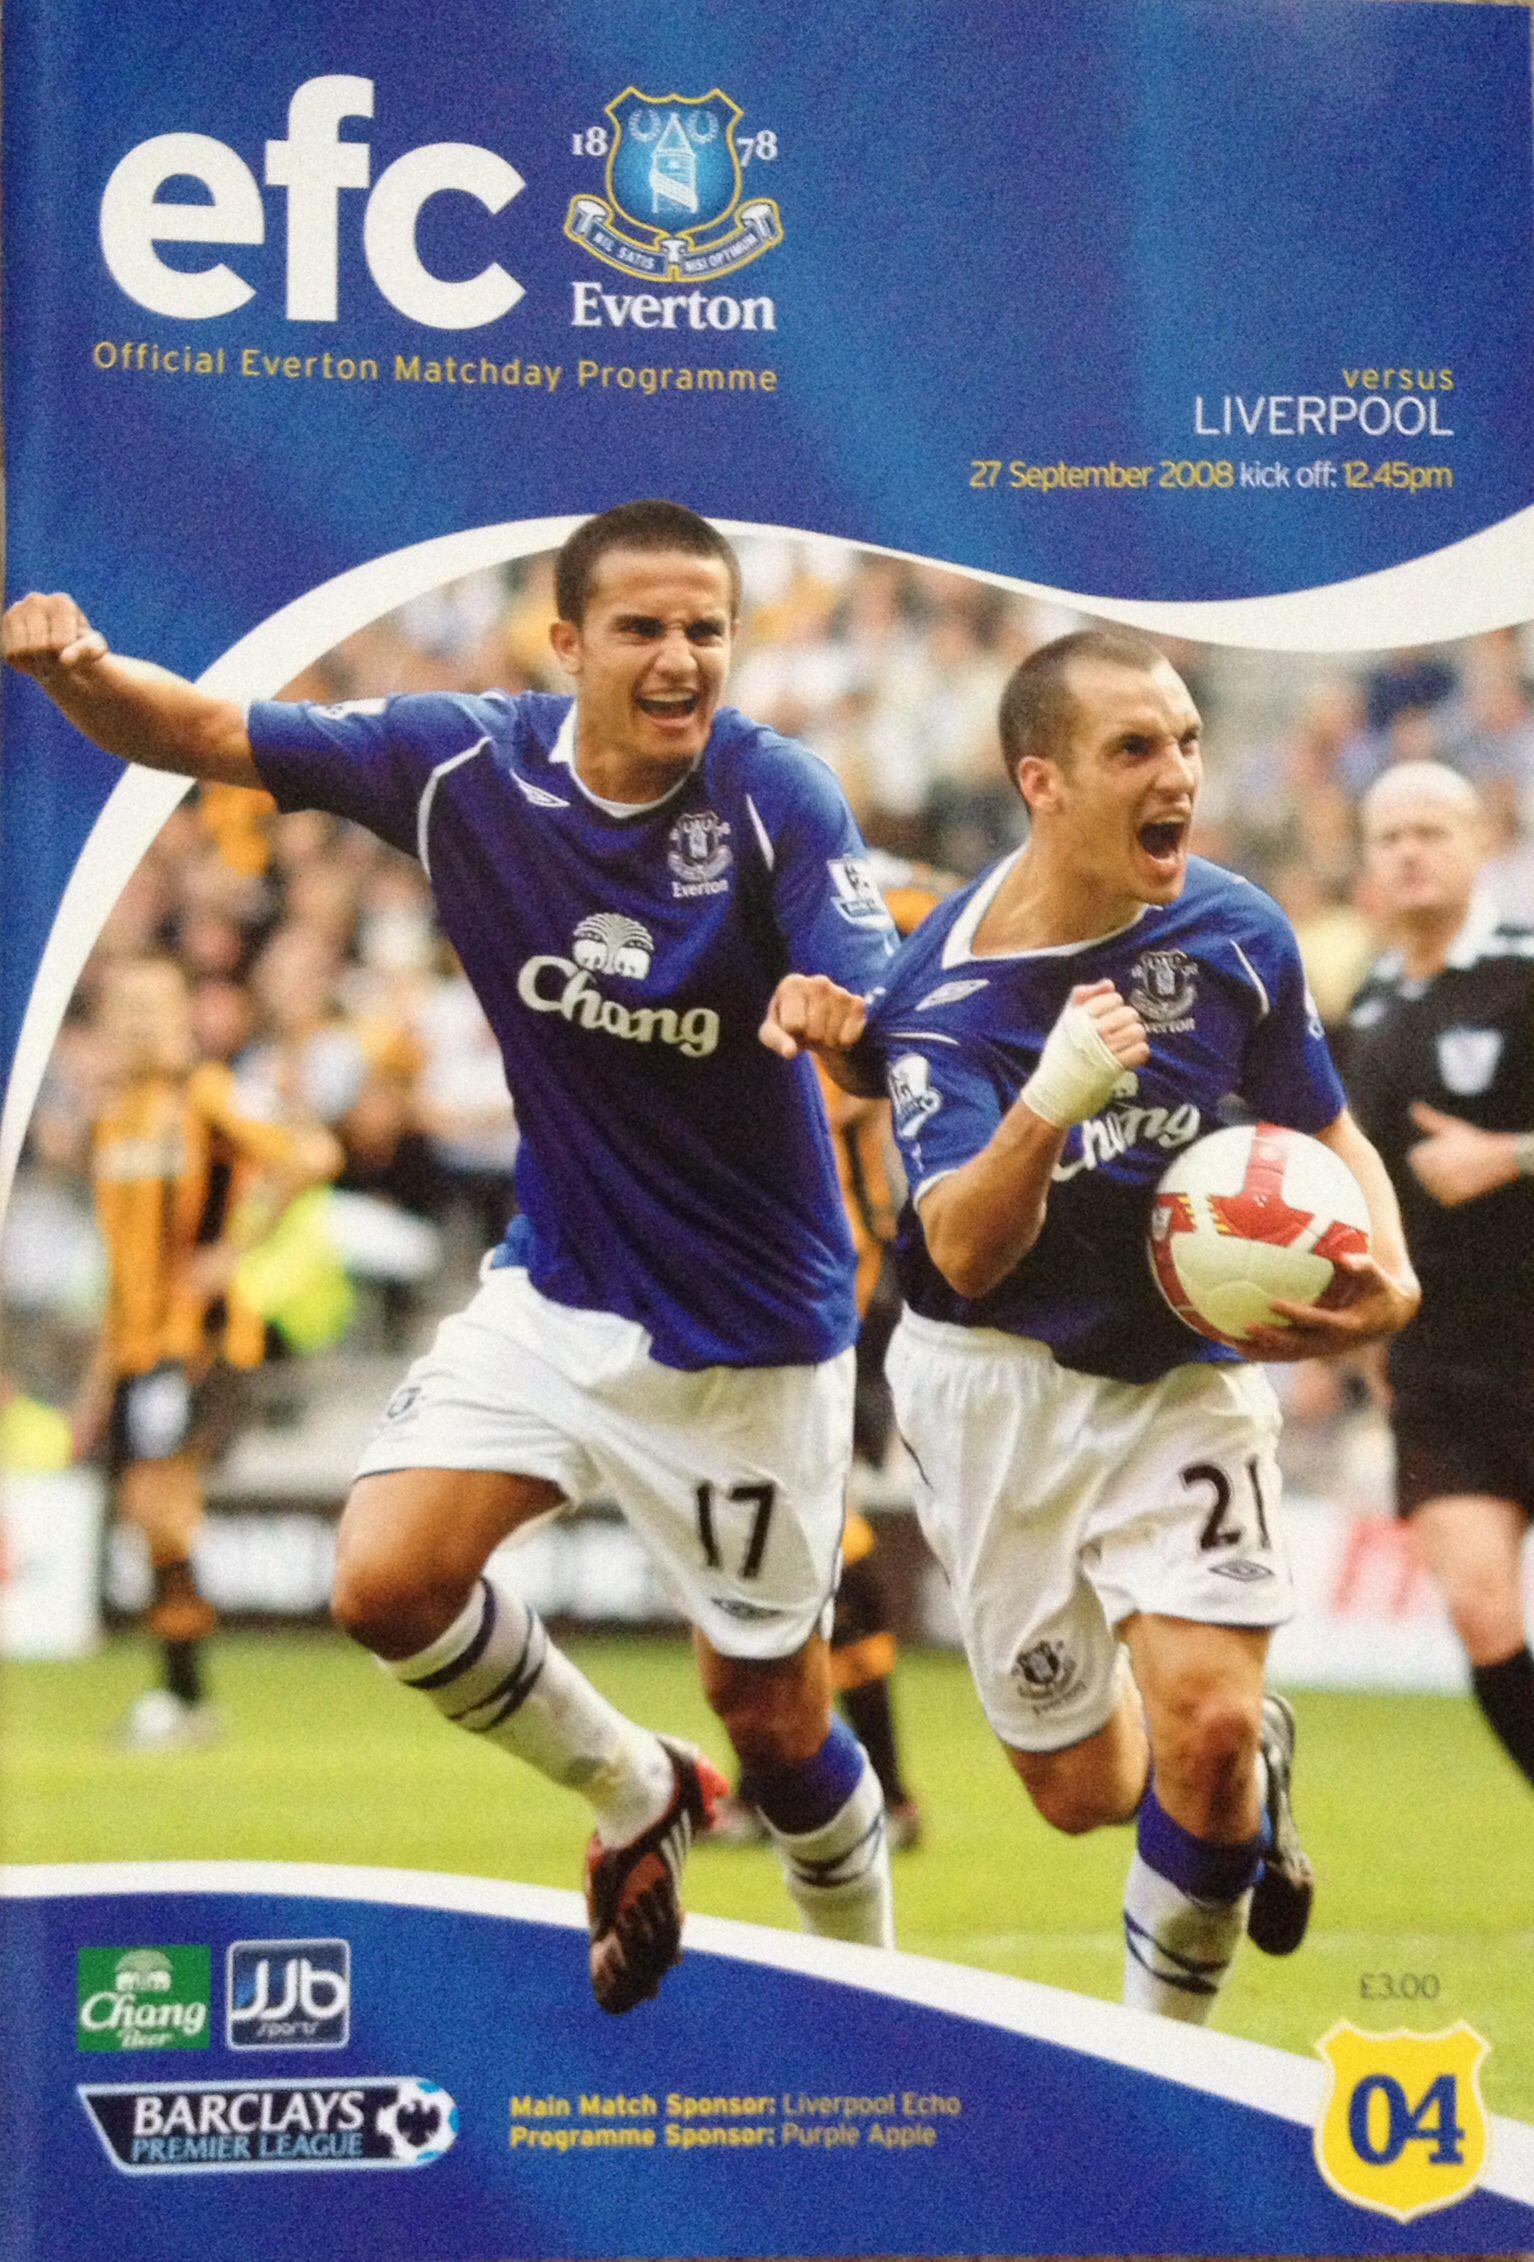 27/9/2008 Everton v Liverpool Football program, Everton